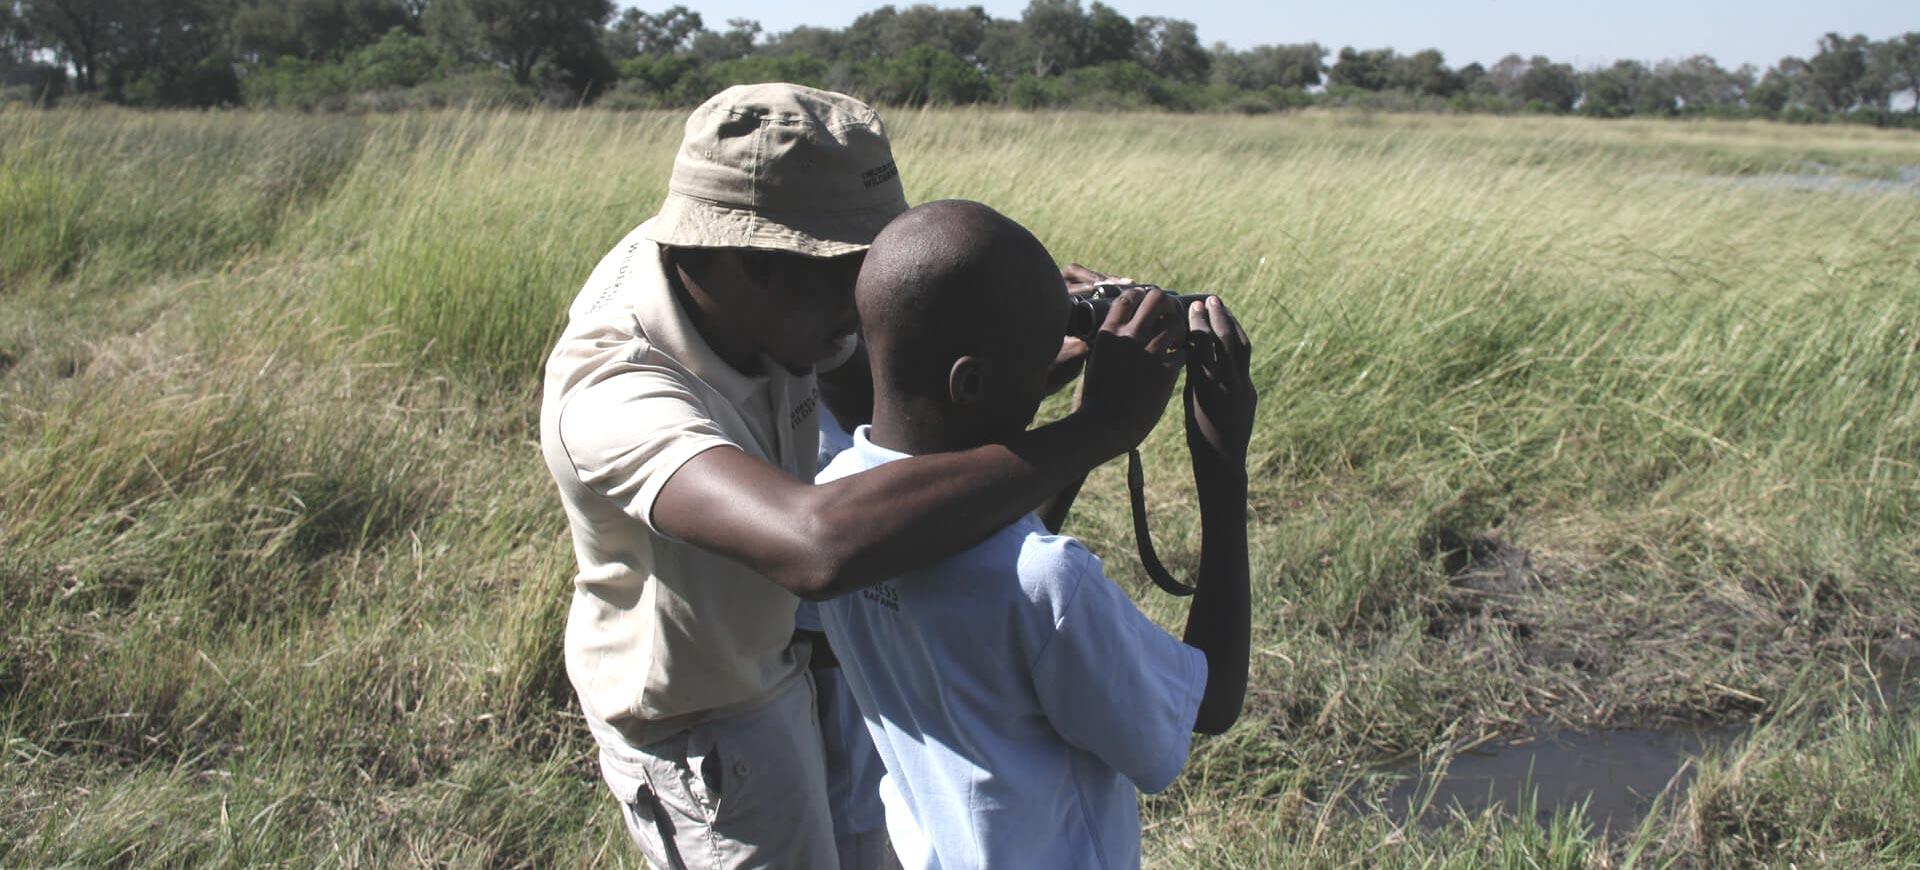 Children Of The Wilderness